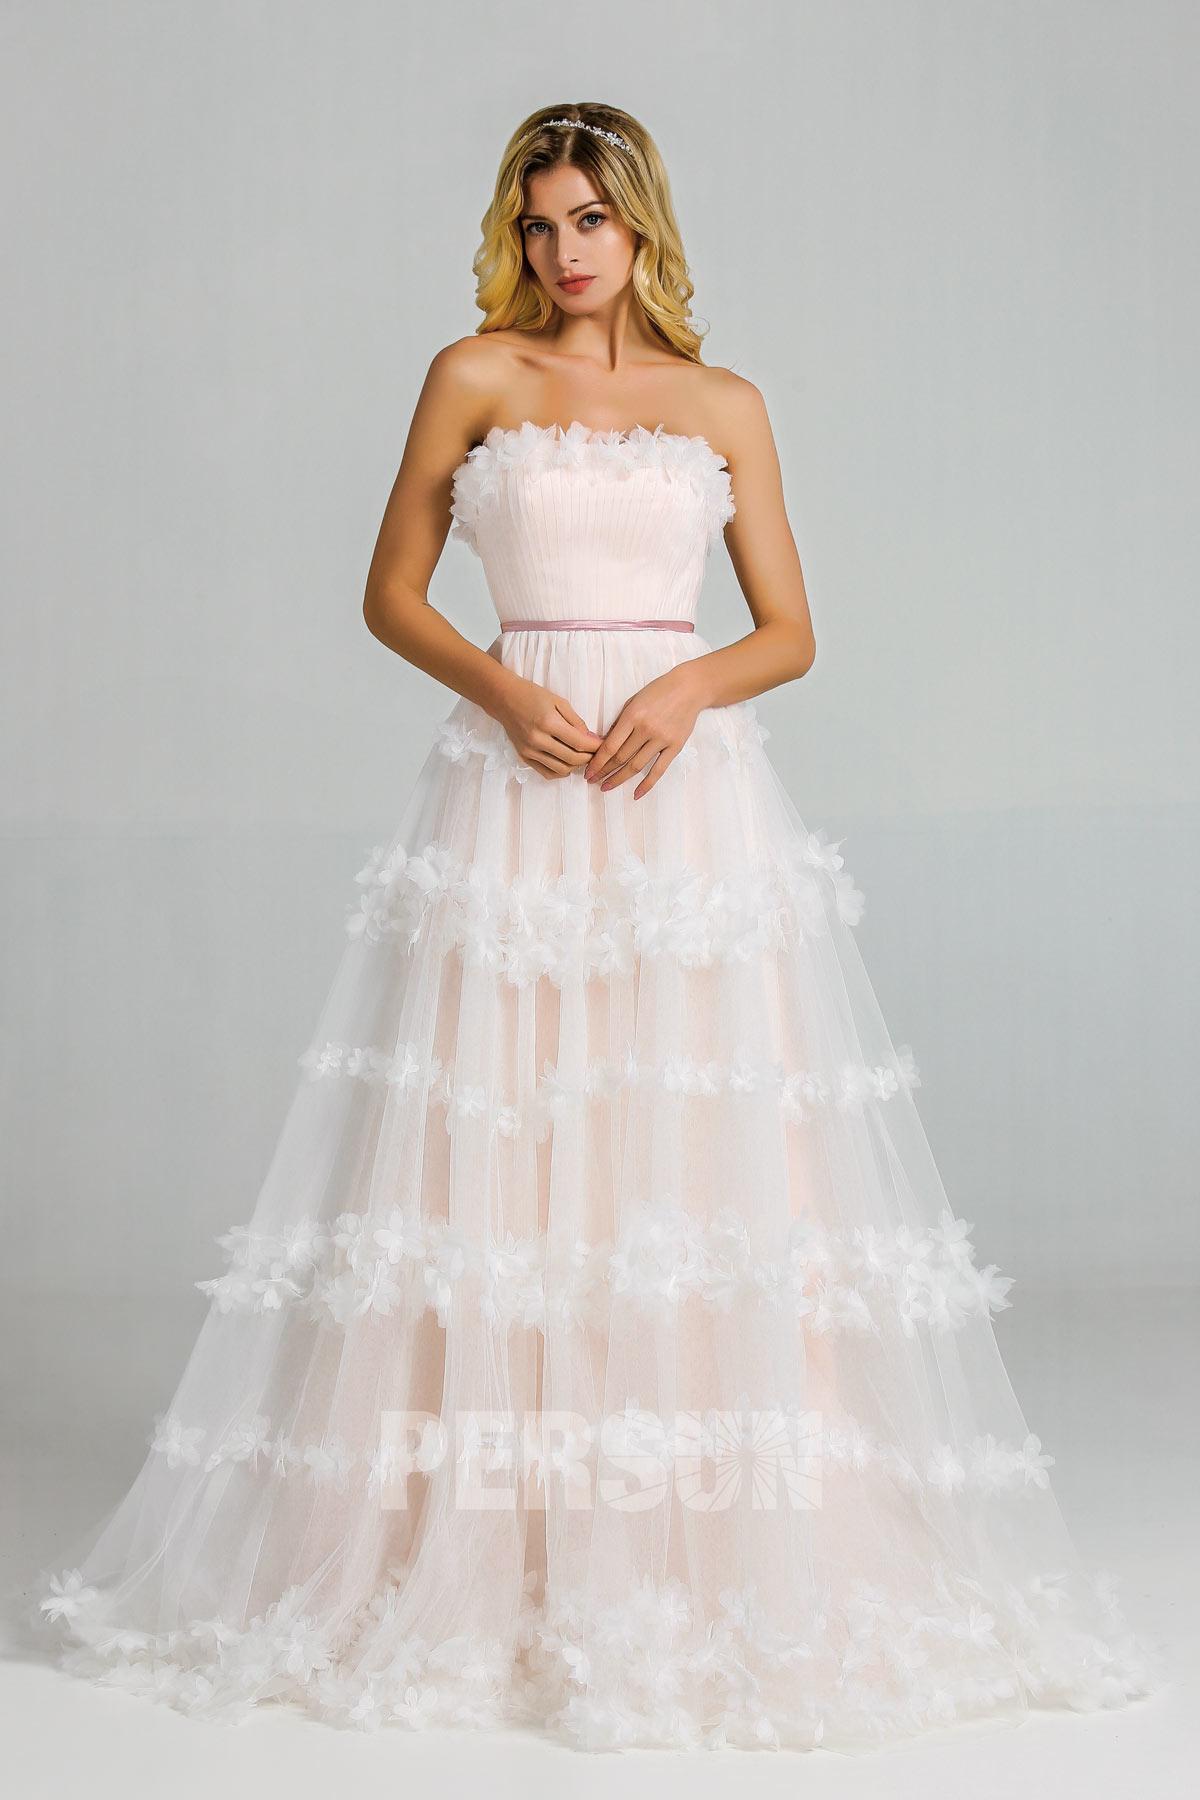 robe de mariée florale doublure rose poudré bustier droit